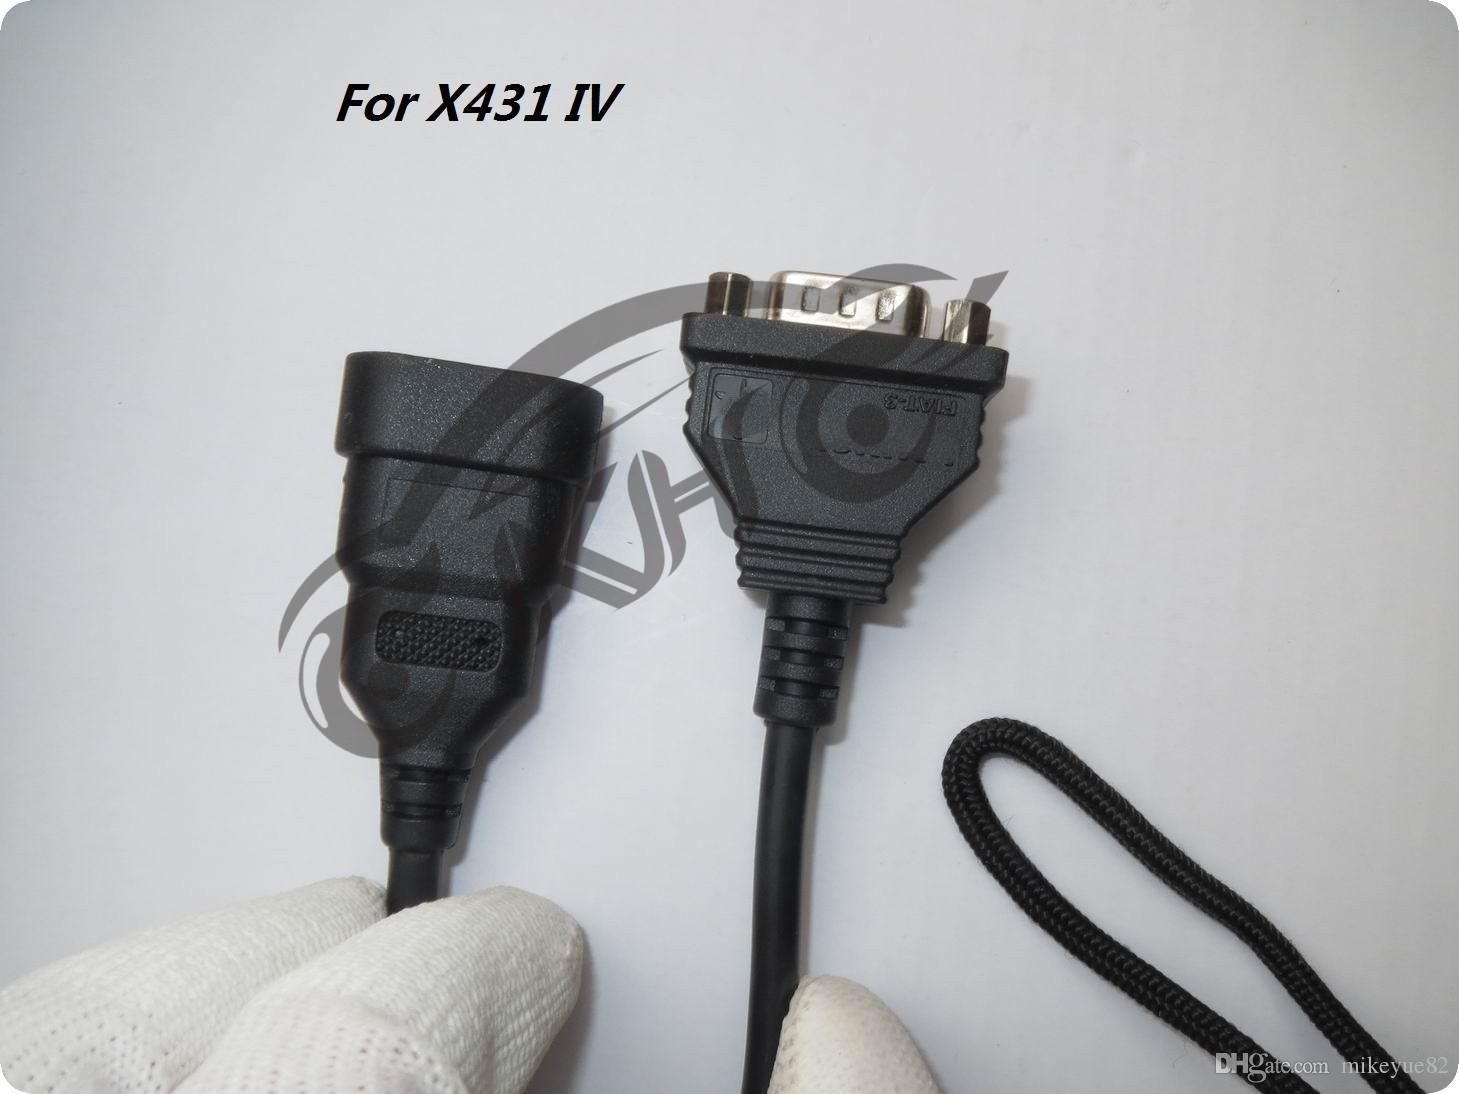 الأصلي لإطلاق X431 IV لمحول FIAT -3 لمحول الجيل الرابع من موصل FIAT-3 OBD II موصل